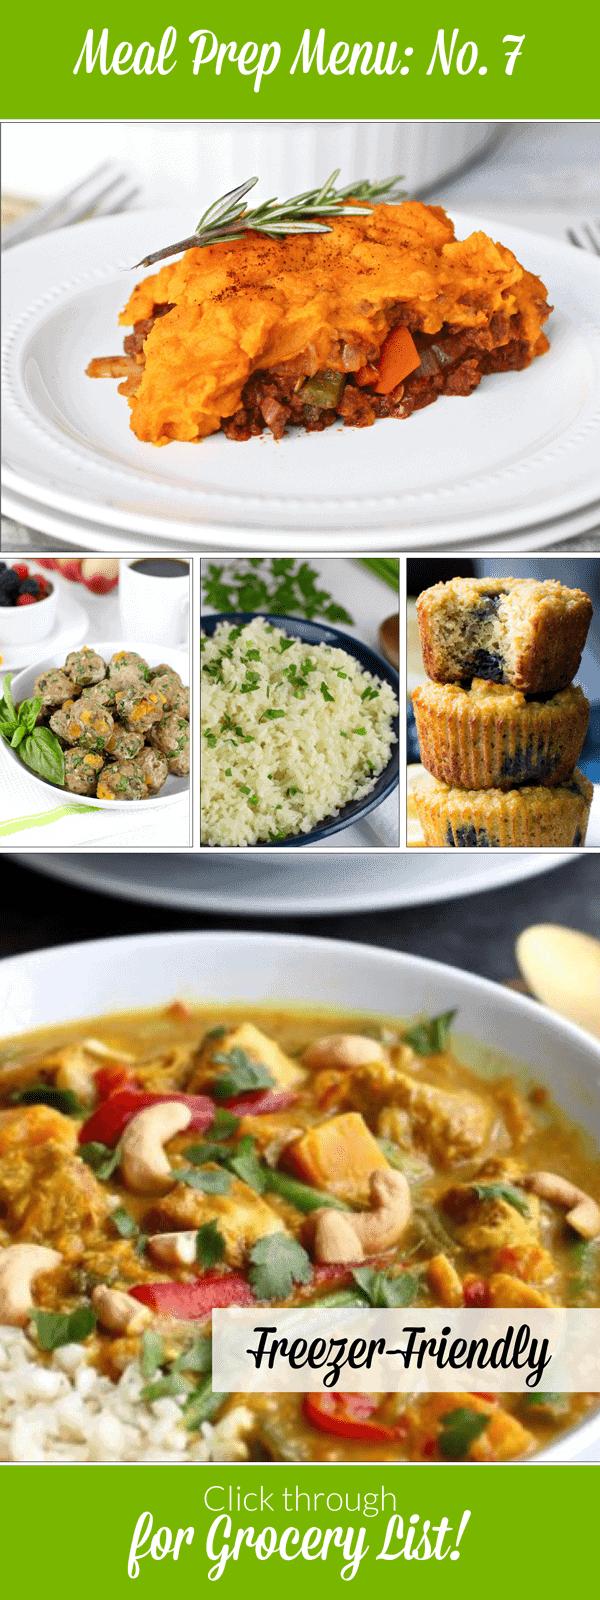 Weekly Meal Prep Menu: No. 7 | The Real Food Dietitians | https://therealfoodrds.com/weekly-meal-prep-menu-no-7/